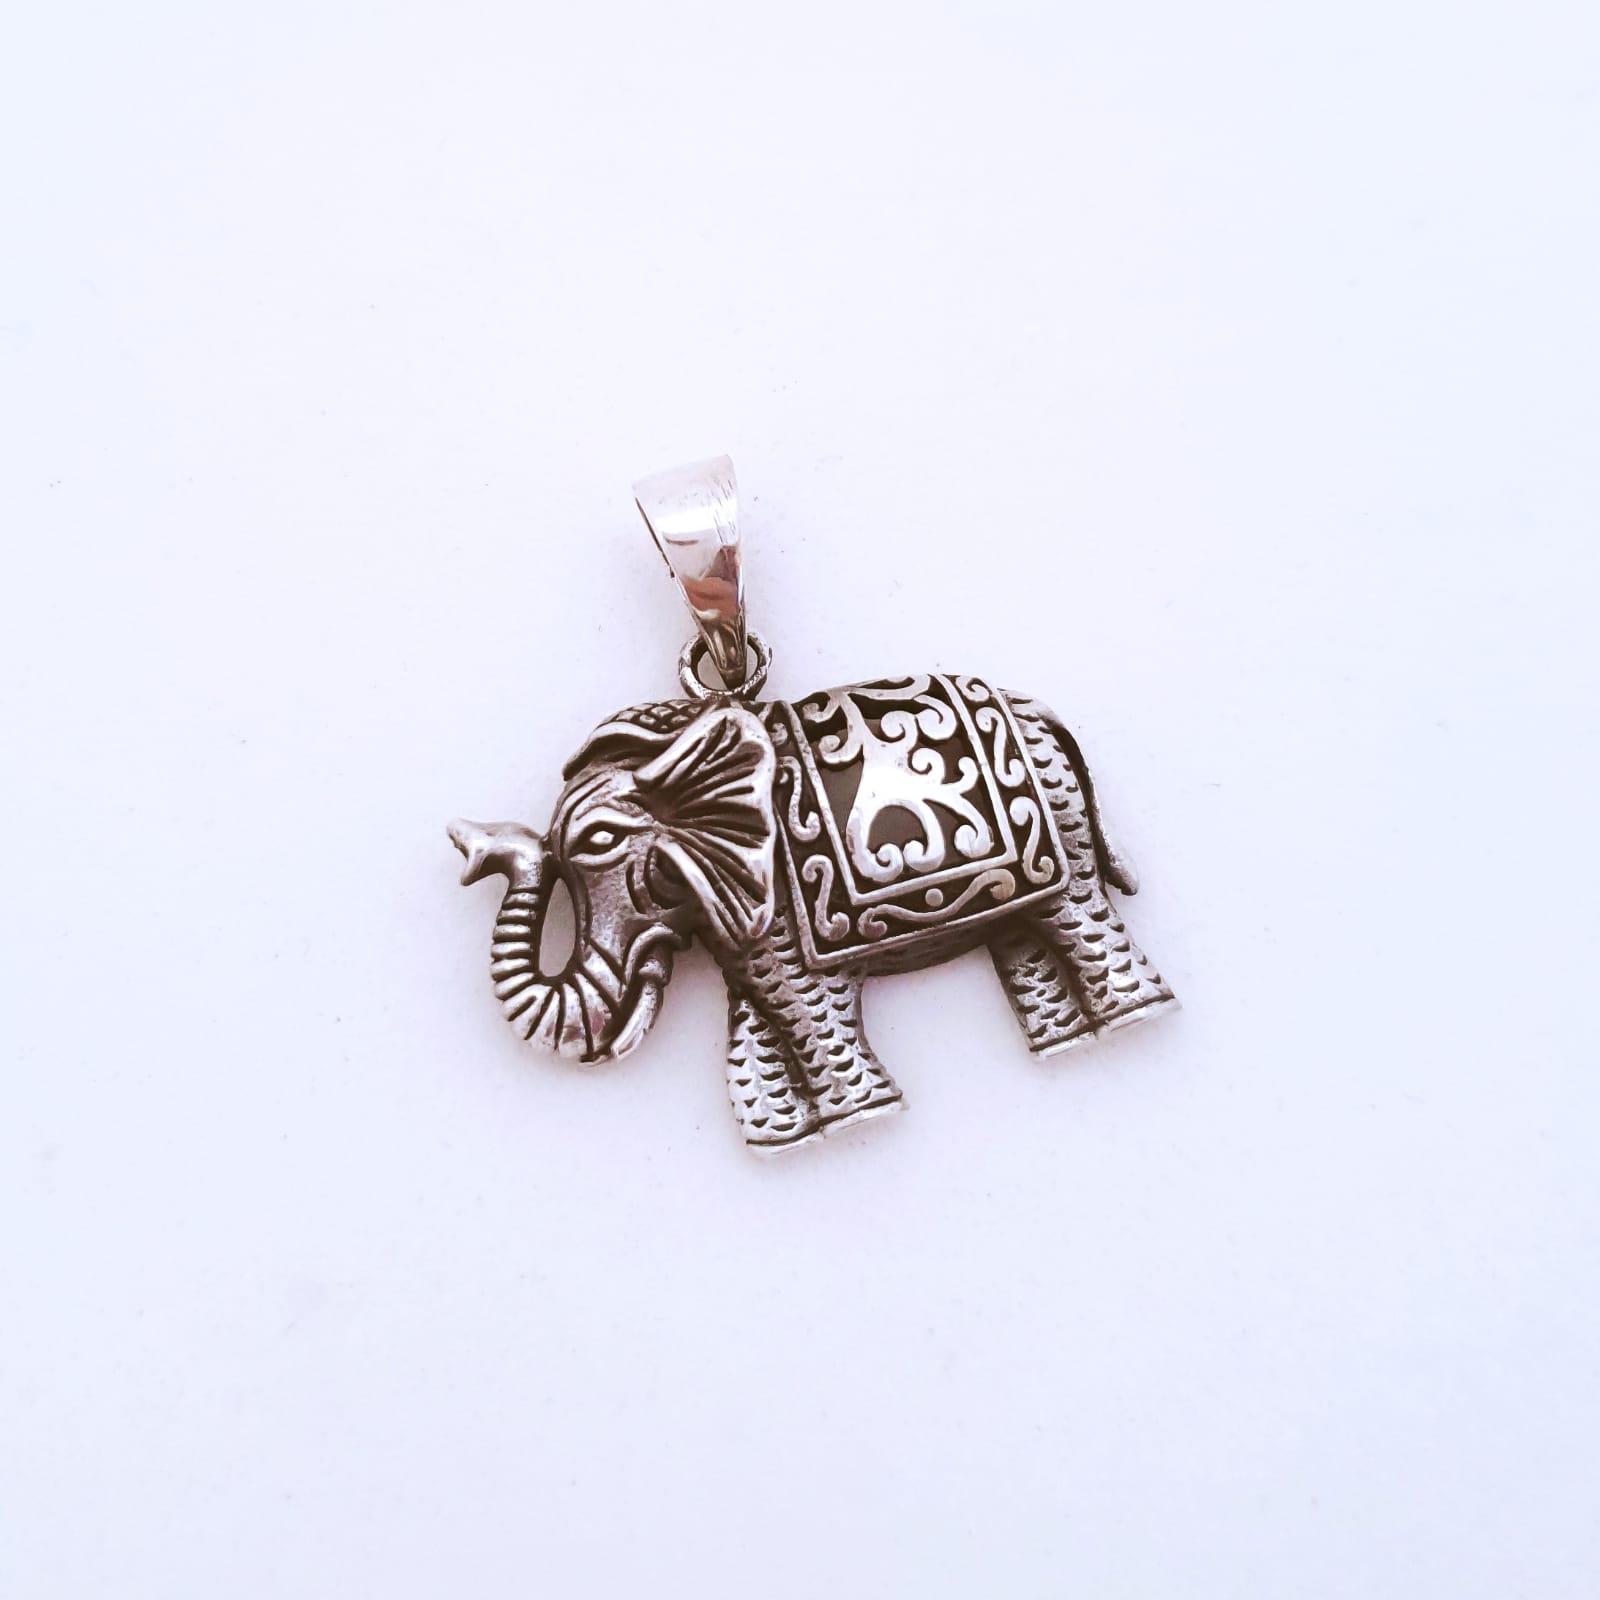 Pingente de Prata Elefante Indiano Envelhecido